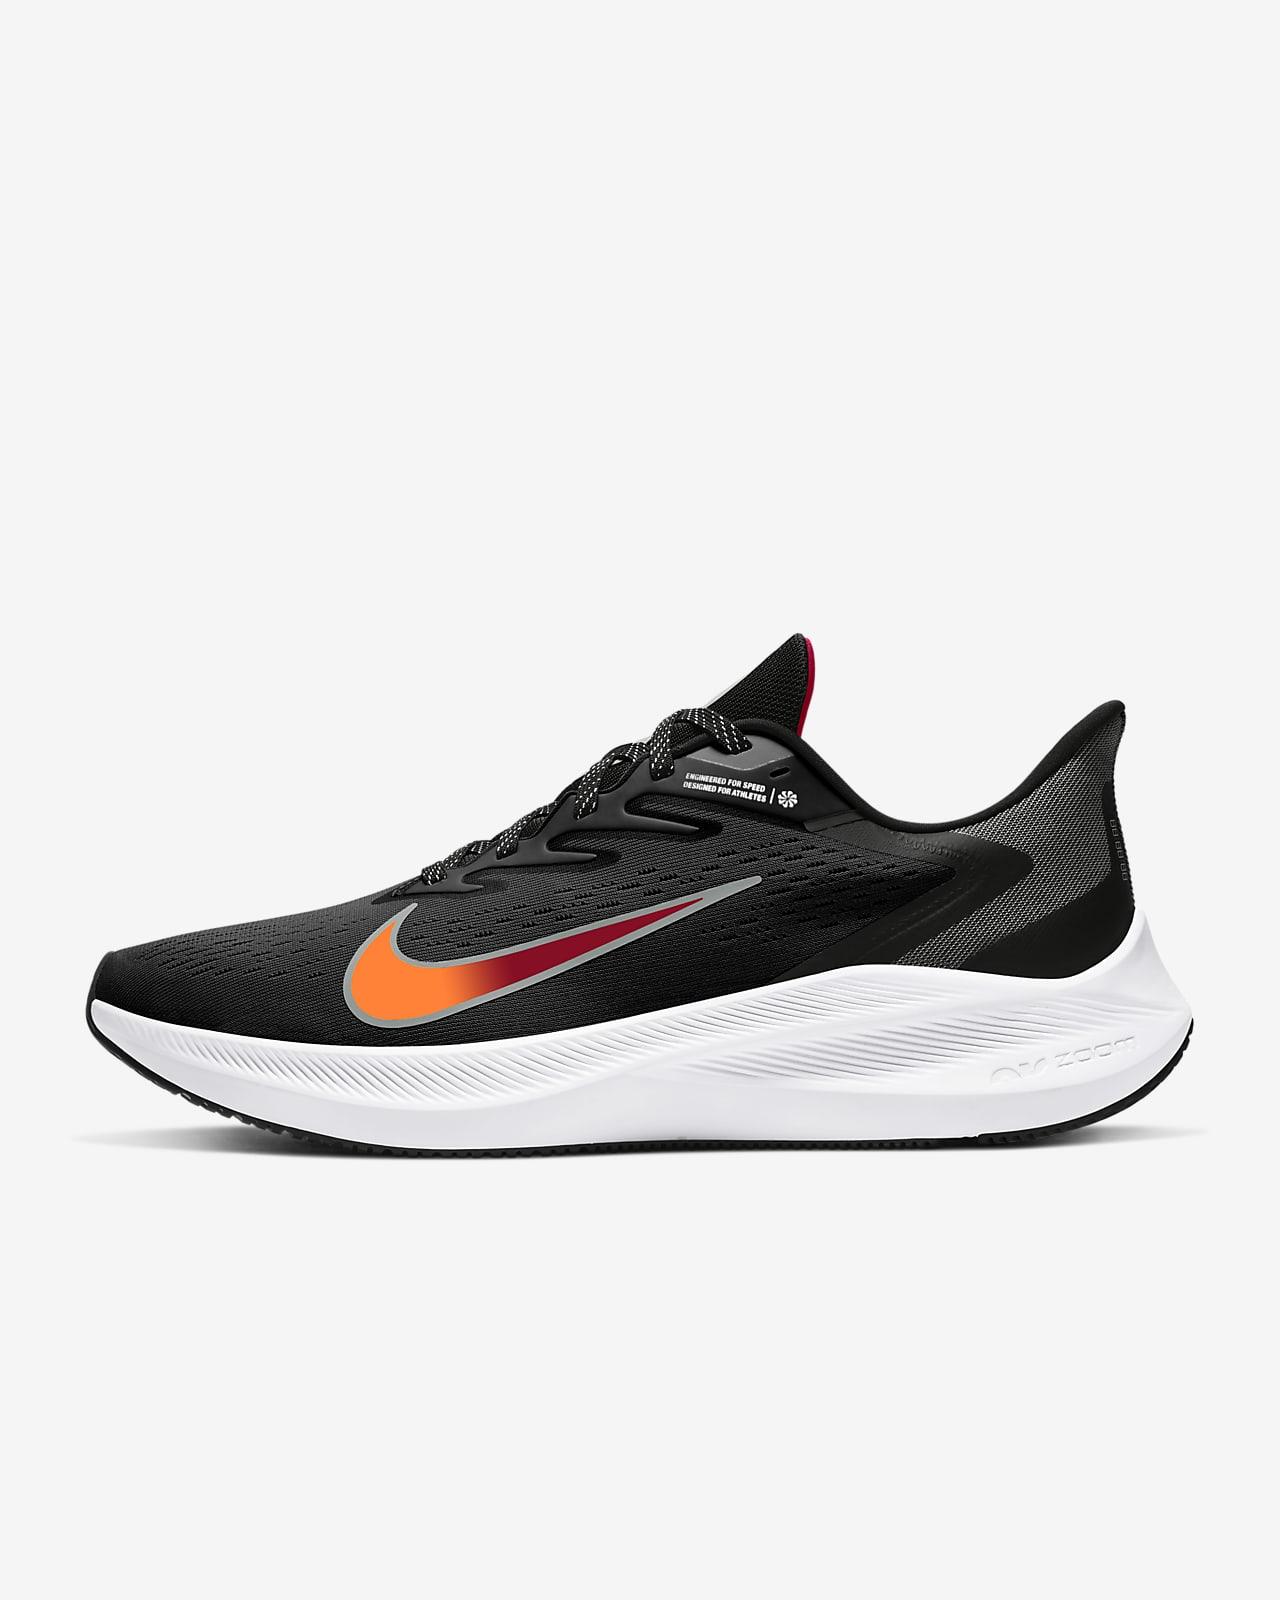 Calzado de running para hombre Nike Air Zoom Winflo 7